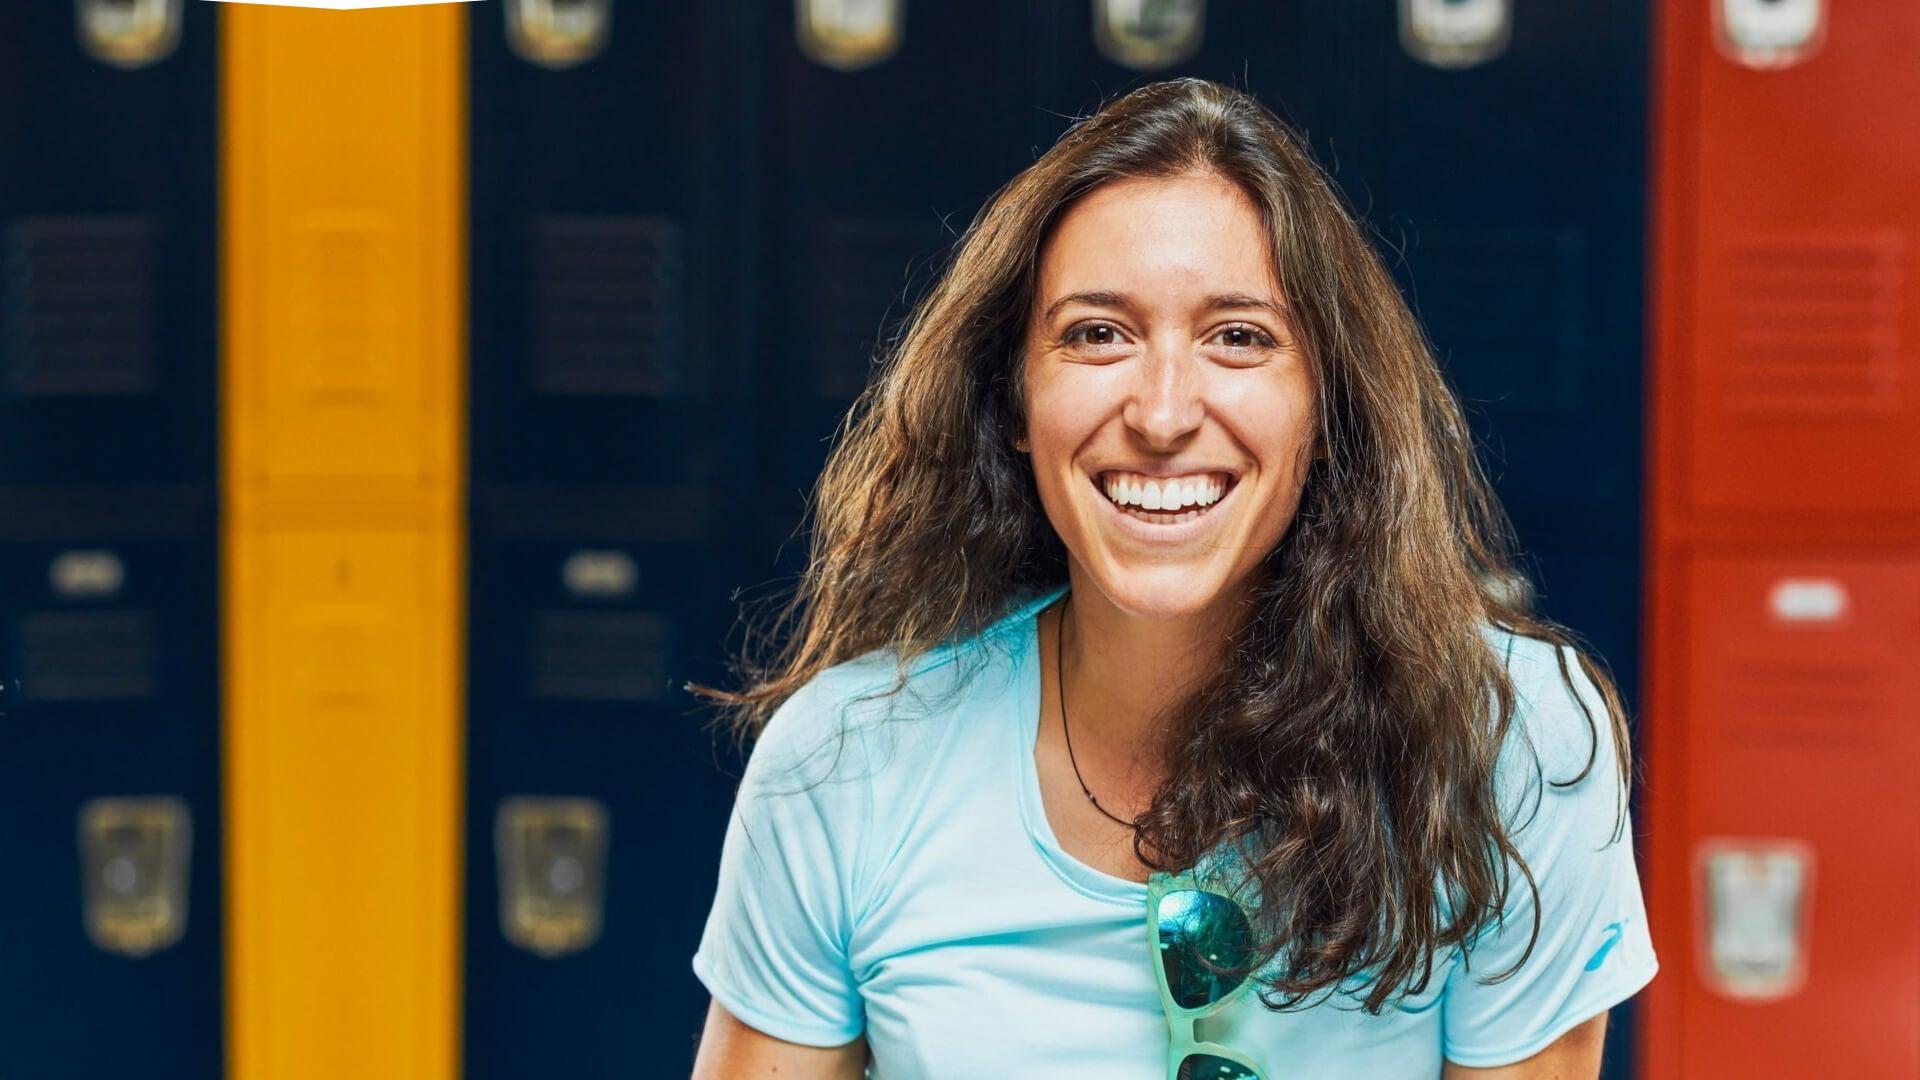 Alexa Lampasona